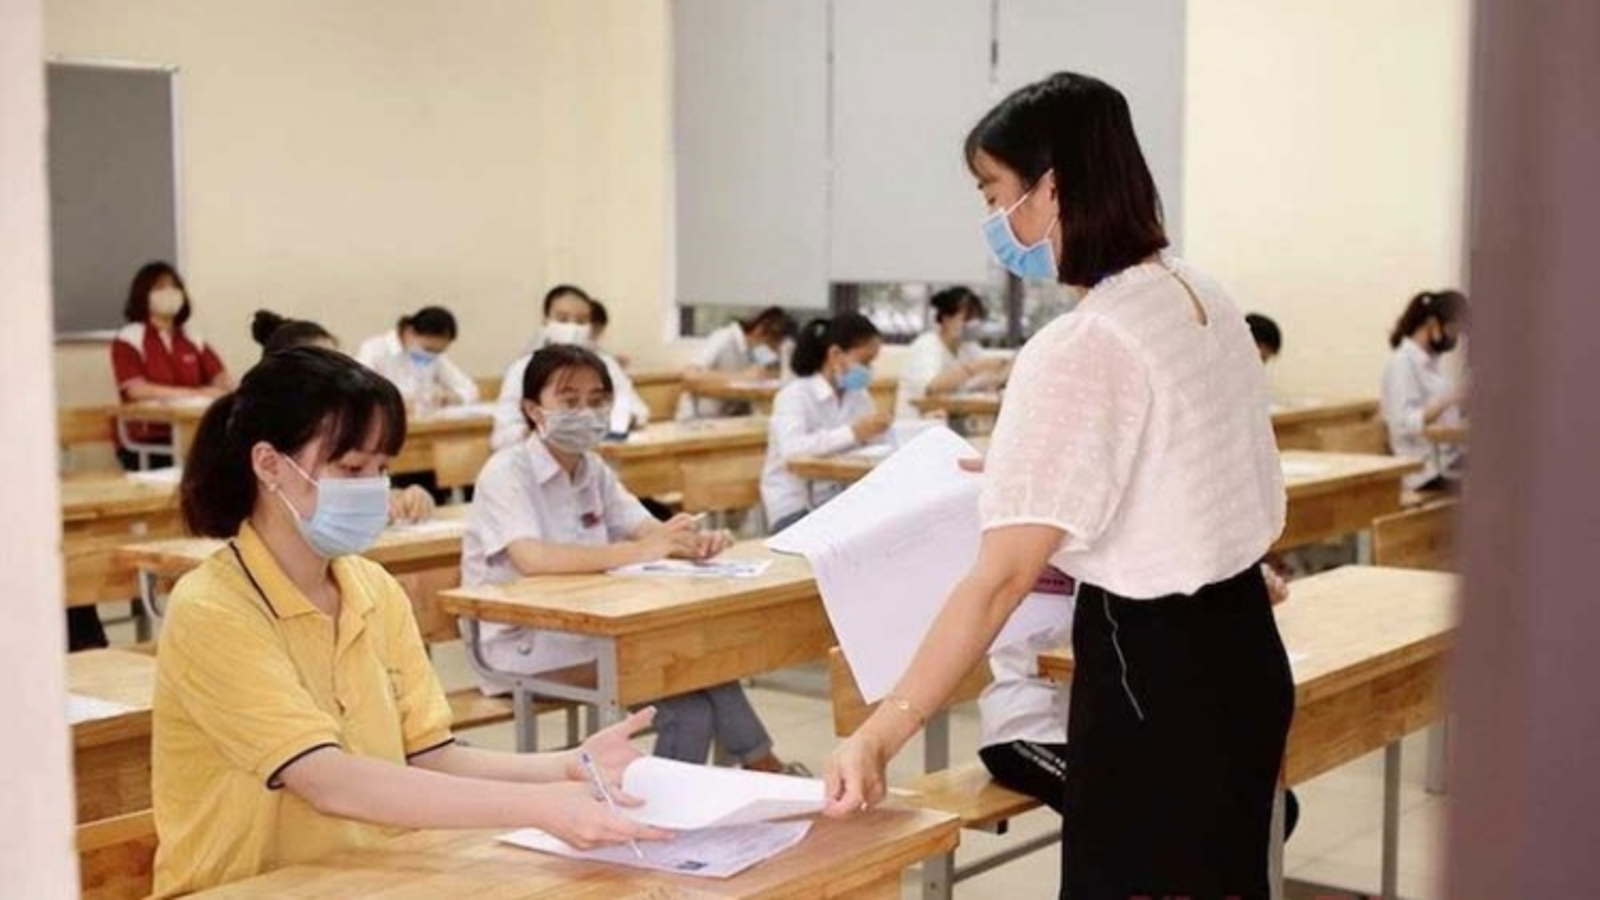 Bộ GD&ĐT kiểm tra công tác tổ chức thi THPT tại tỉnh Bắc Giang